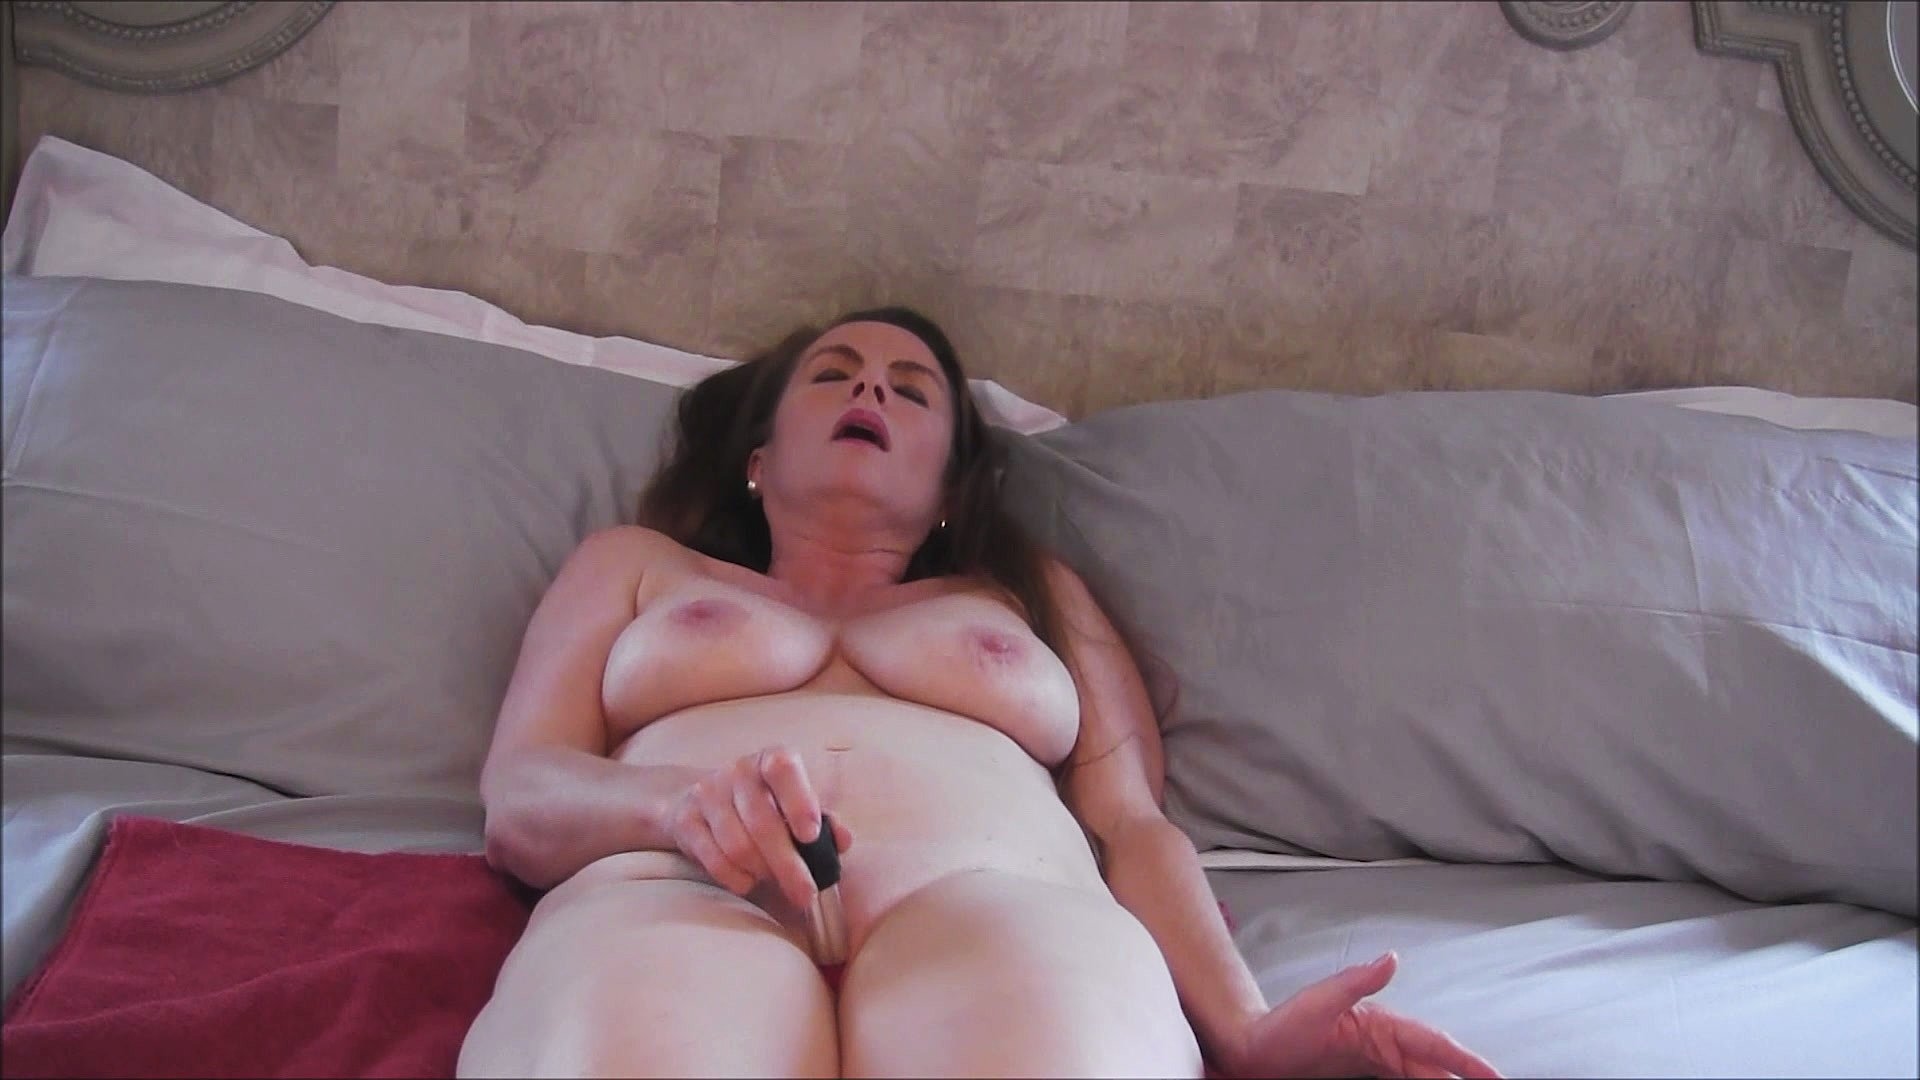 clit Back video massager